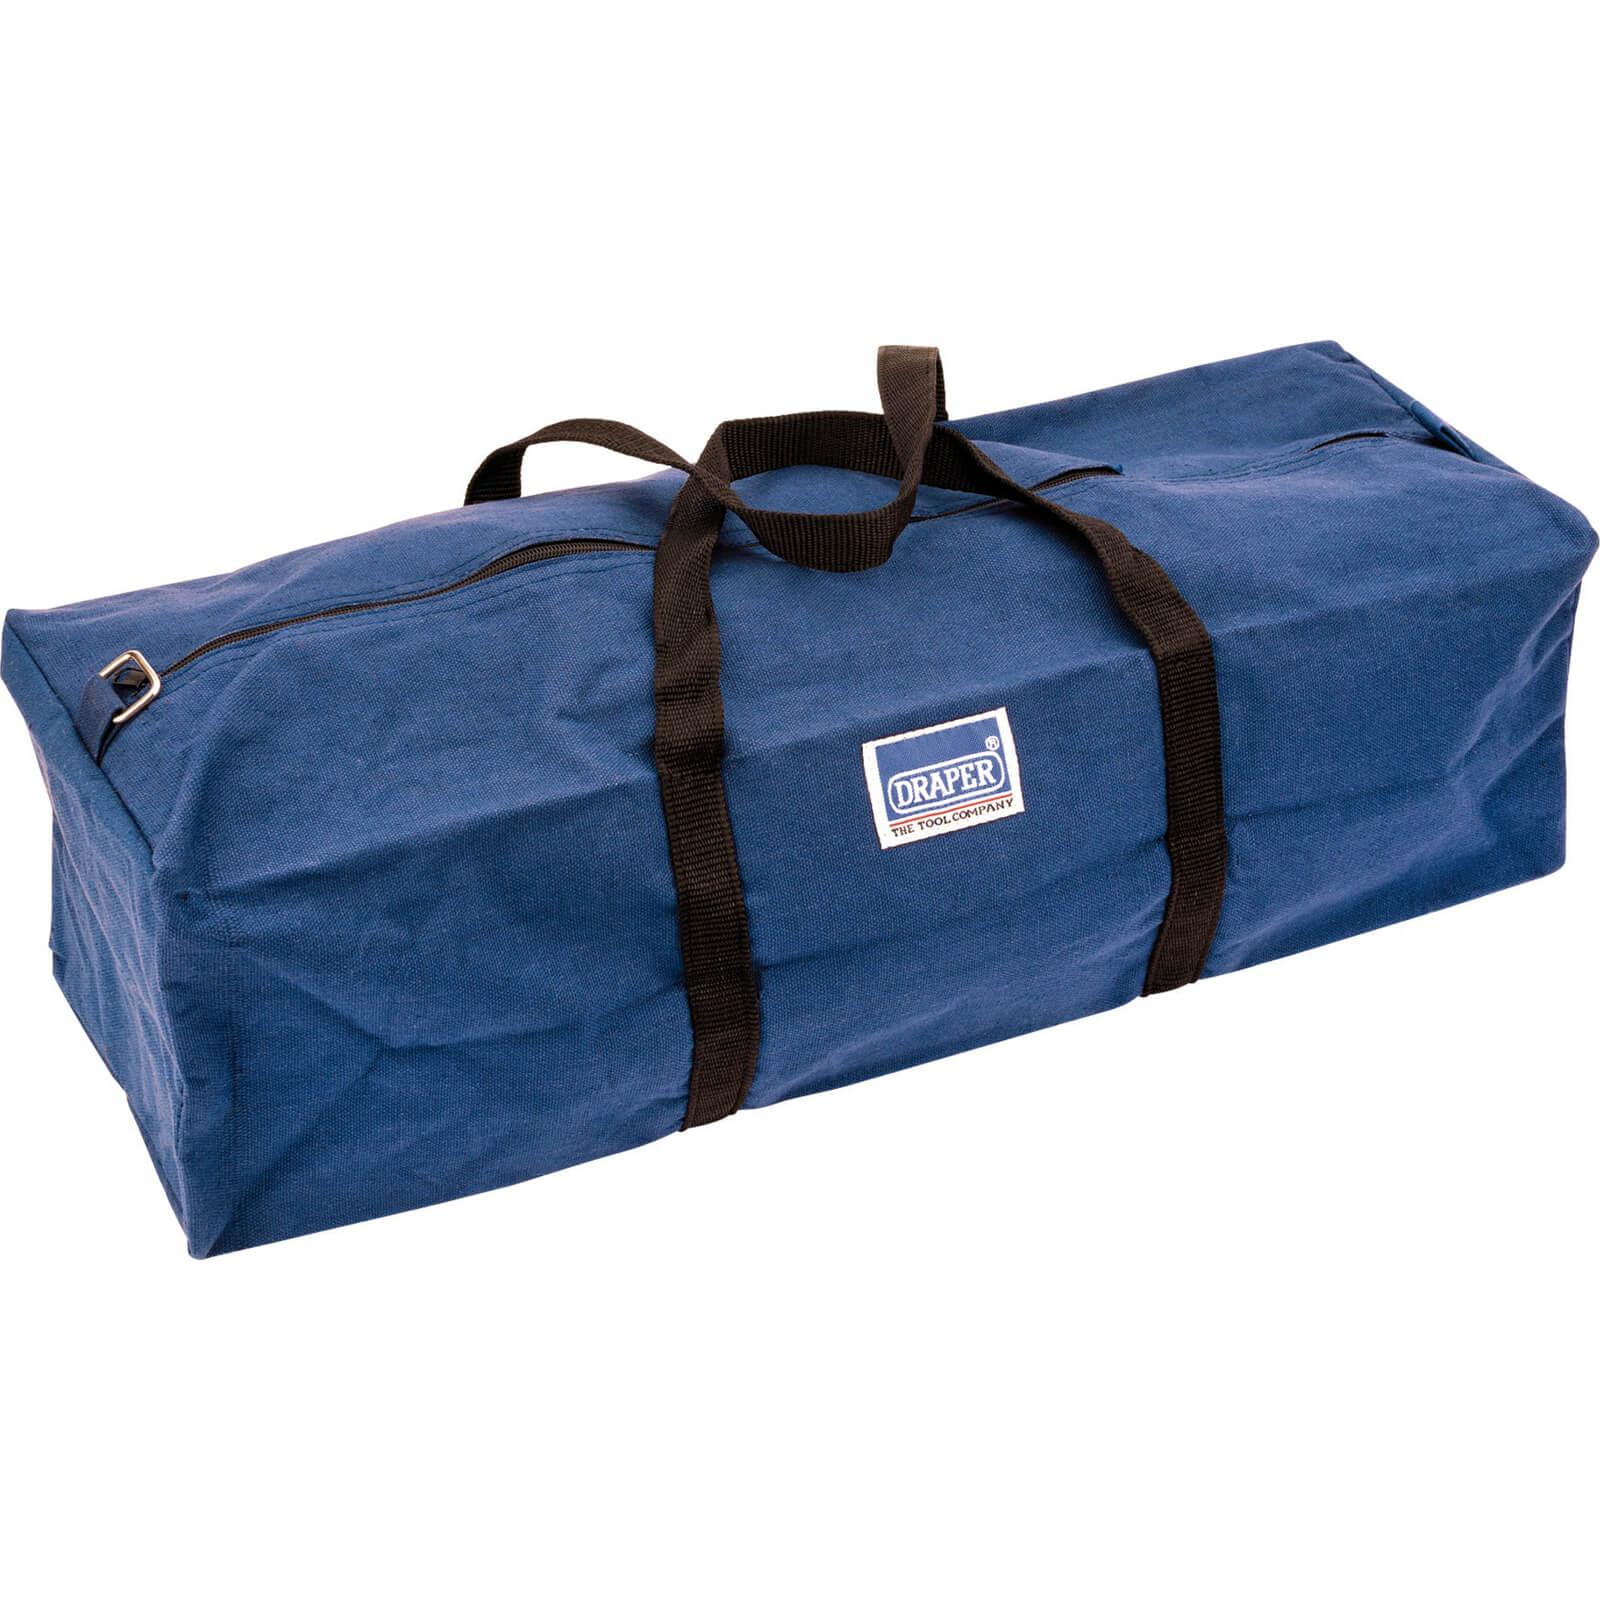 Draper Canvas Tool Bag 460mm